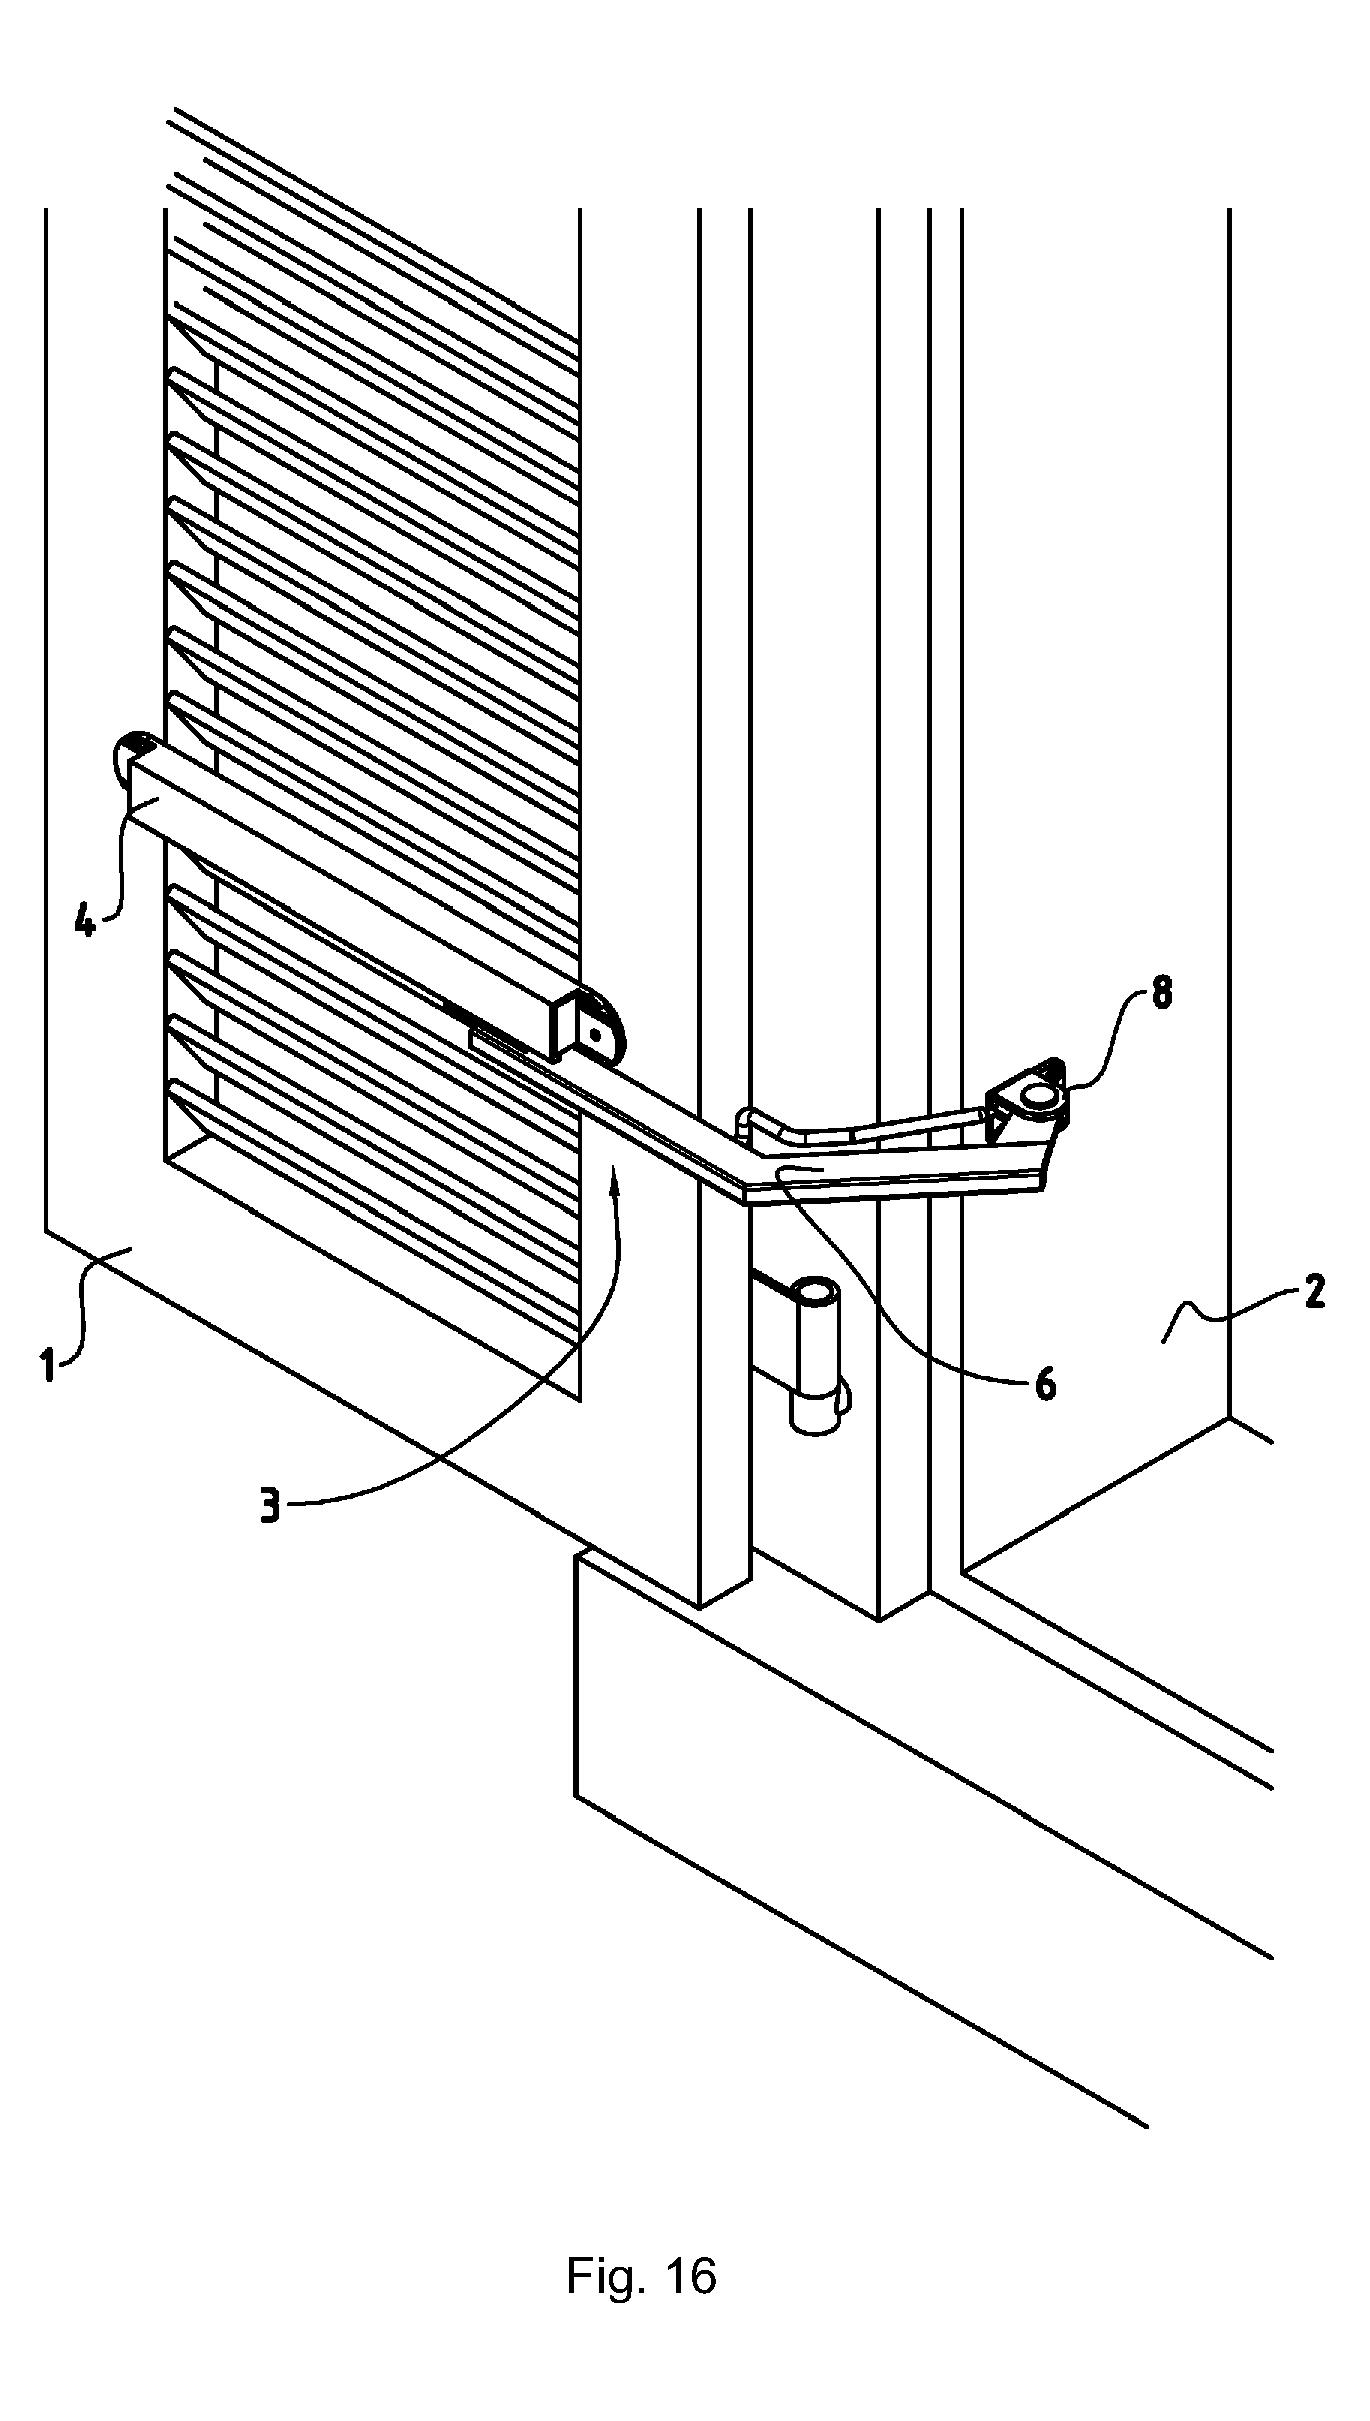 patent ep1905929a1 vorrichtung zur arretierung eines fensterladens google patents. Black Bedroom Furniture Sets. Home Design Ideas